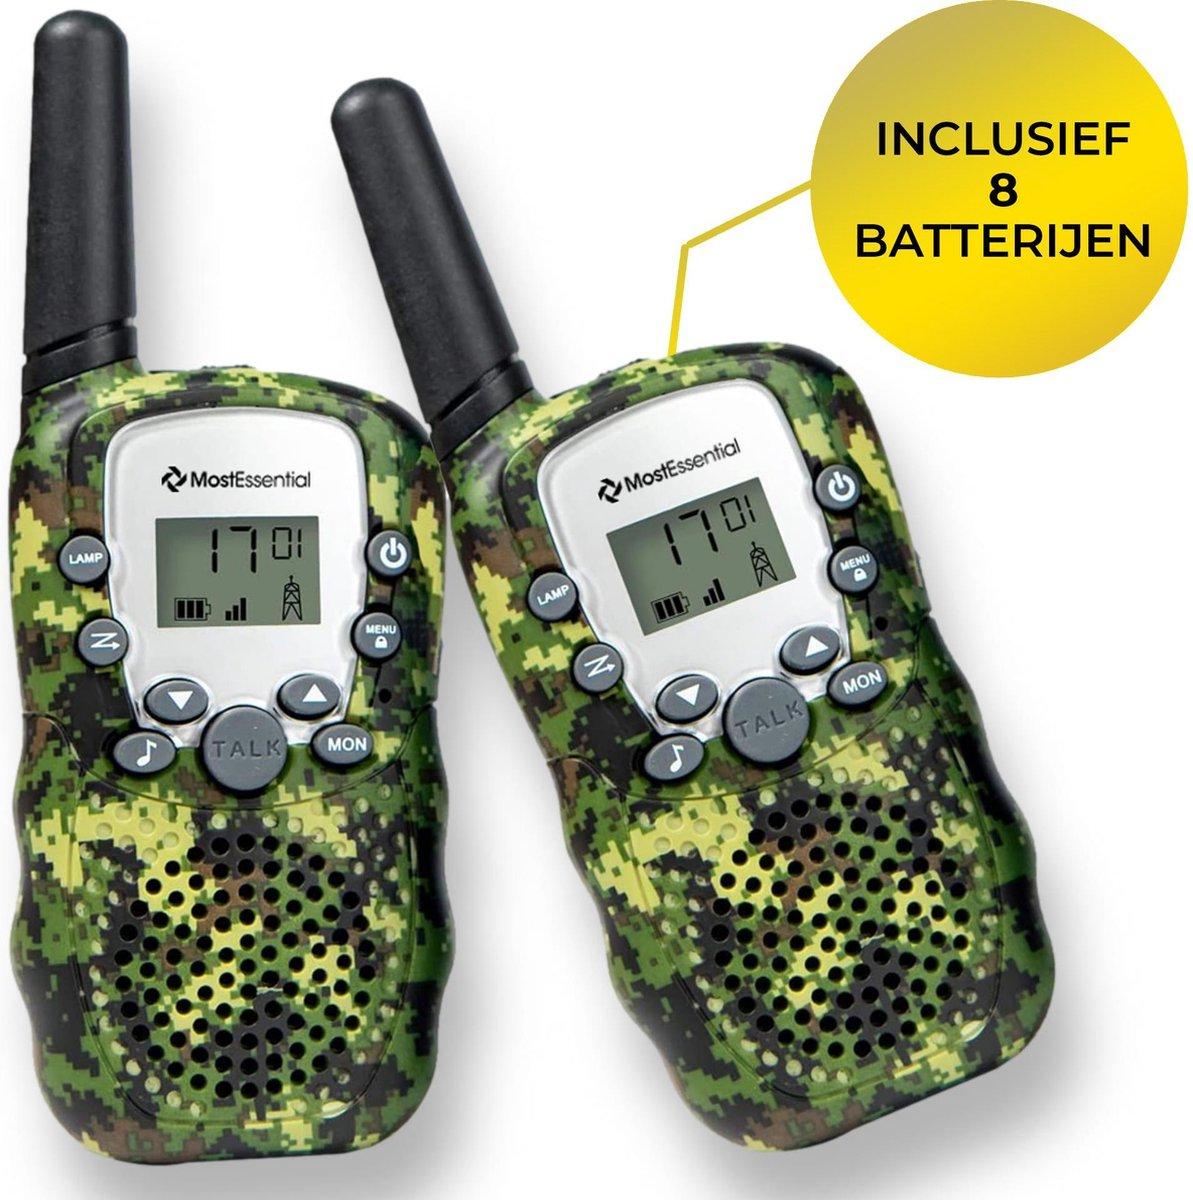 MostEssential Premium Walkie Talkie voor Kinderen - Walkie Talkie - Portofoon - Inclusief 8 Batterijen - Groen